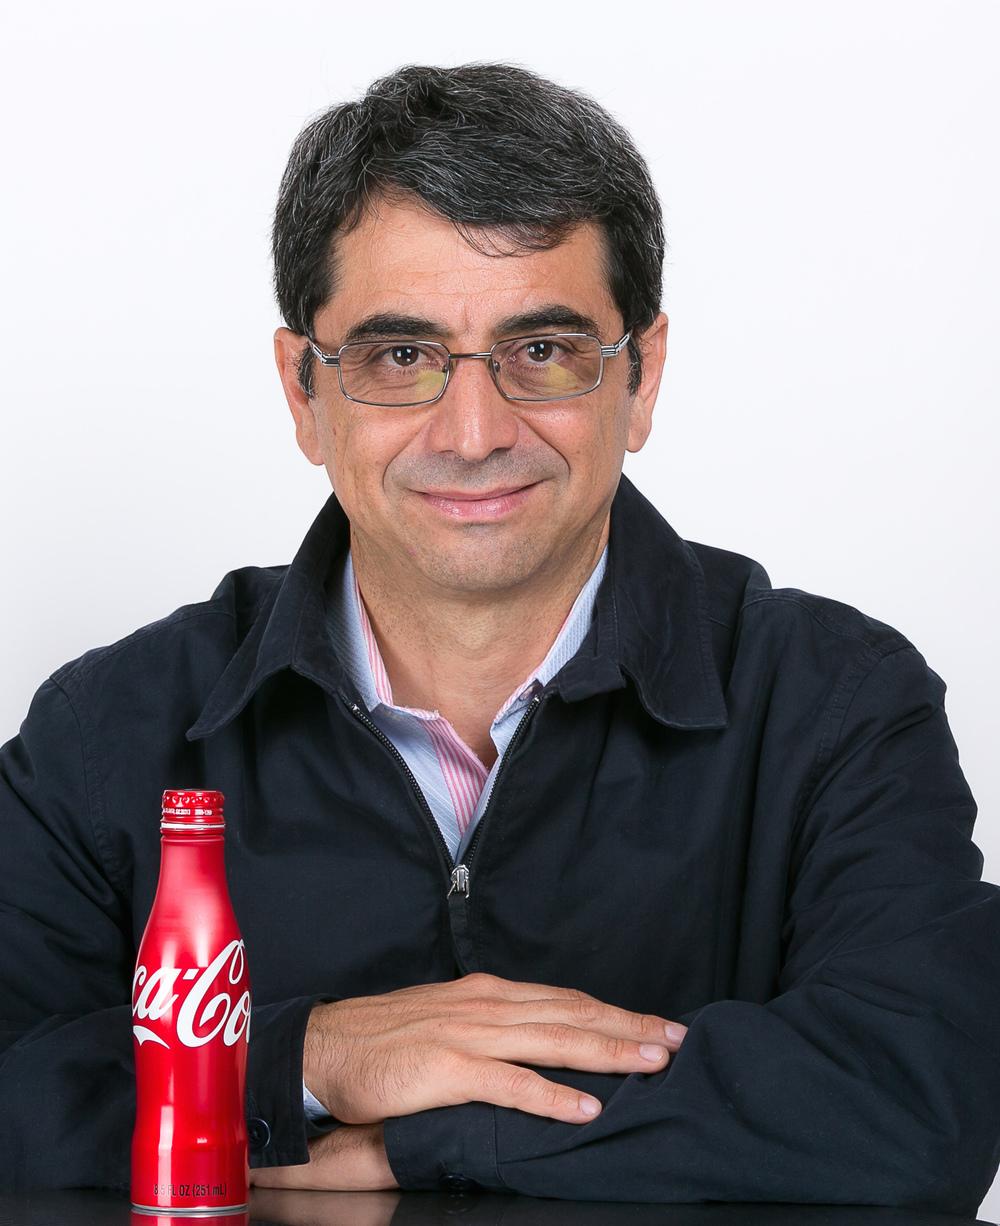 Oscar Martínez Subdirector de Sustentabilidad Ambiental, Coca-Cola de México.